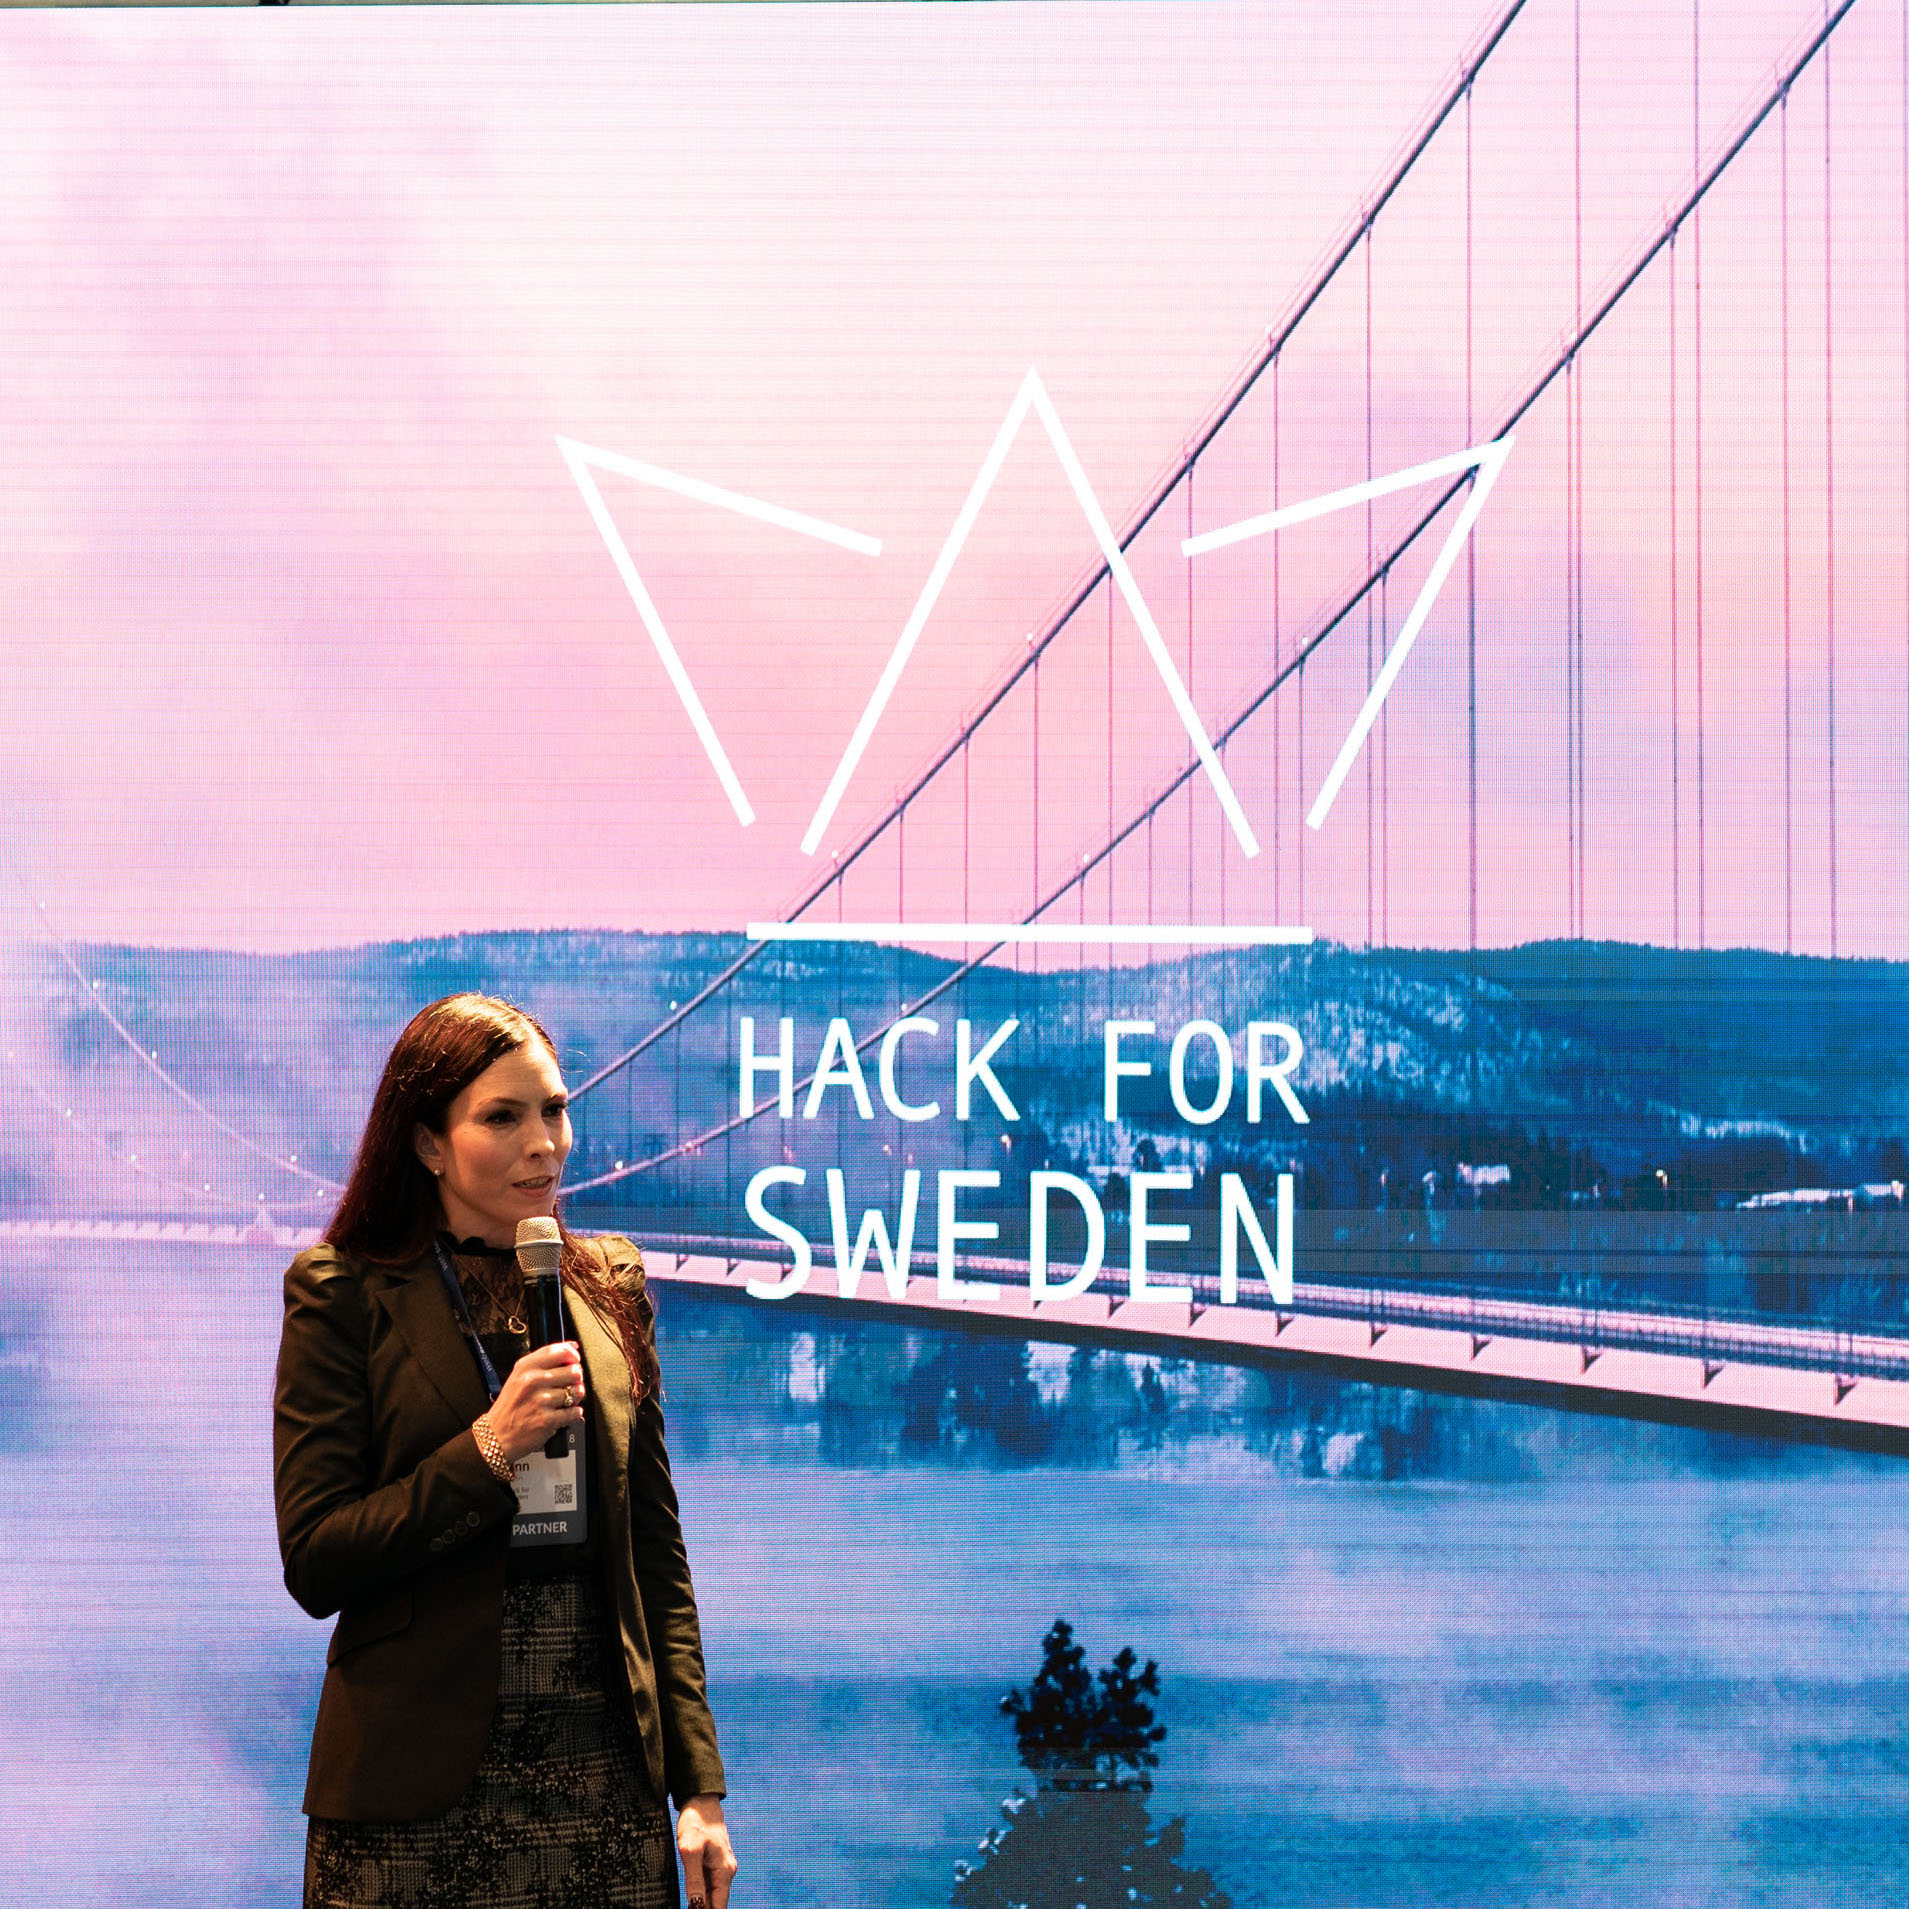 Hack for Sweden - Websummit